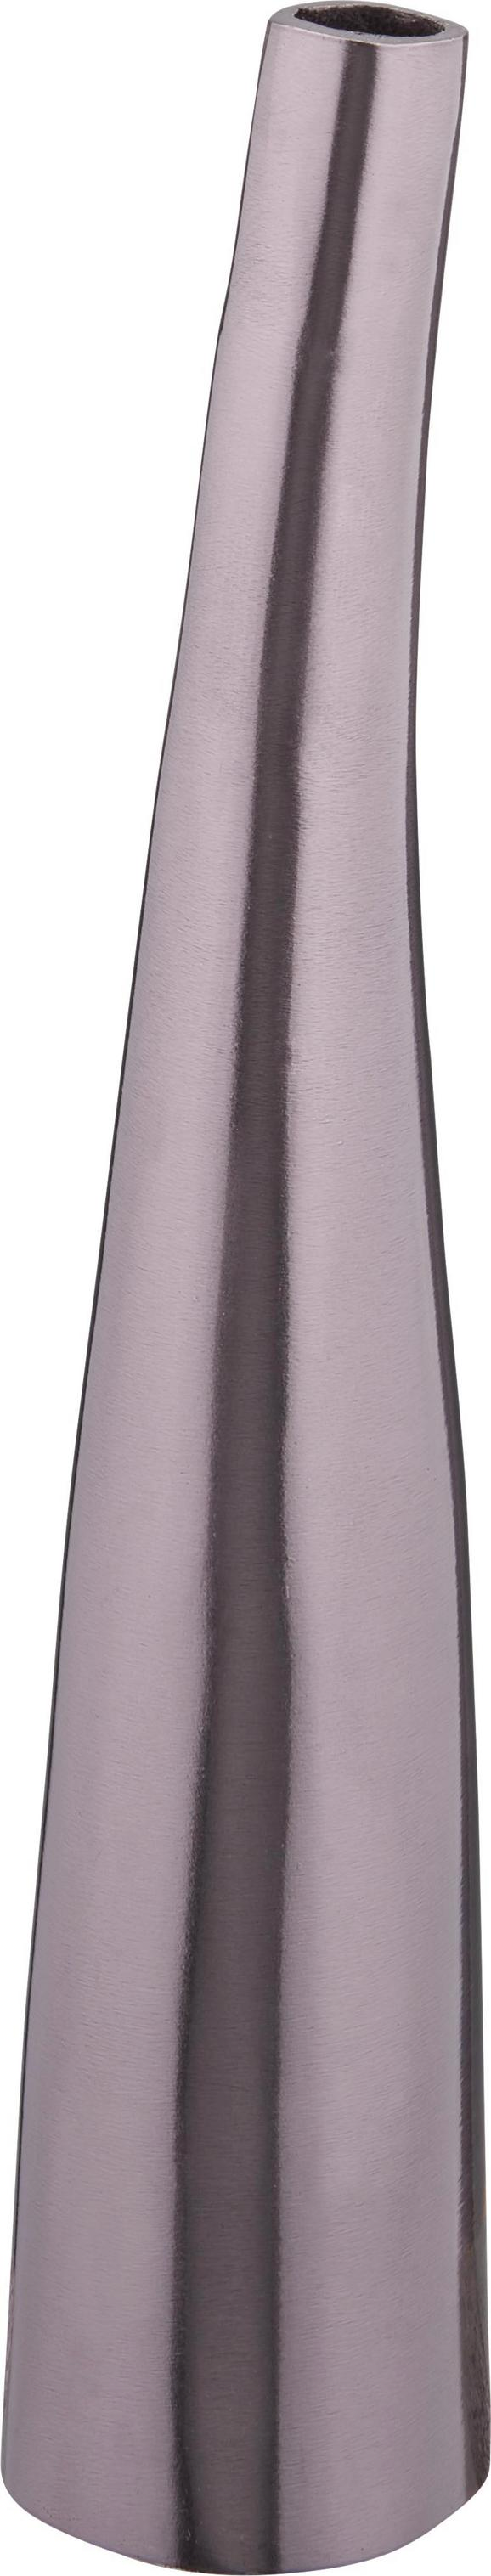 Vase Asha in Schwarz/Nickel - Schwarz, LIFESTYLE, Metall (6/30cm) - MÖMAX modern living